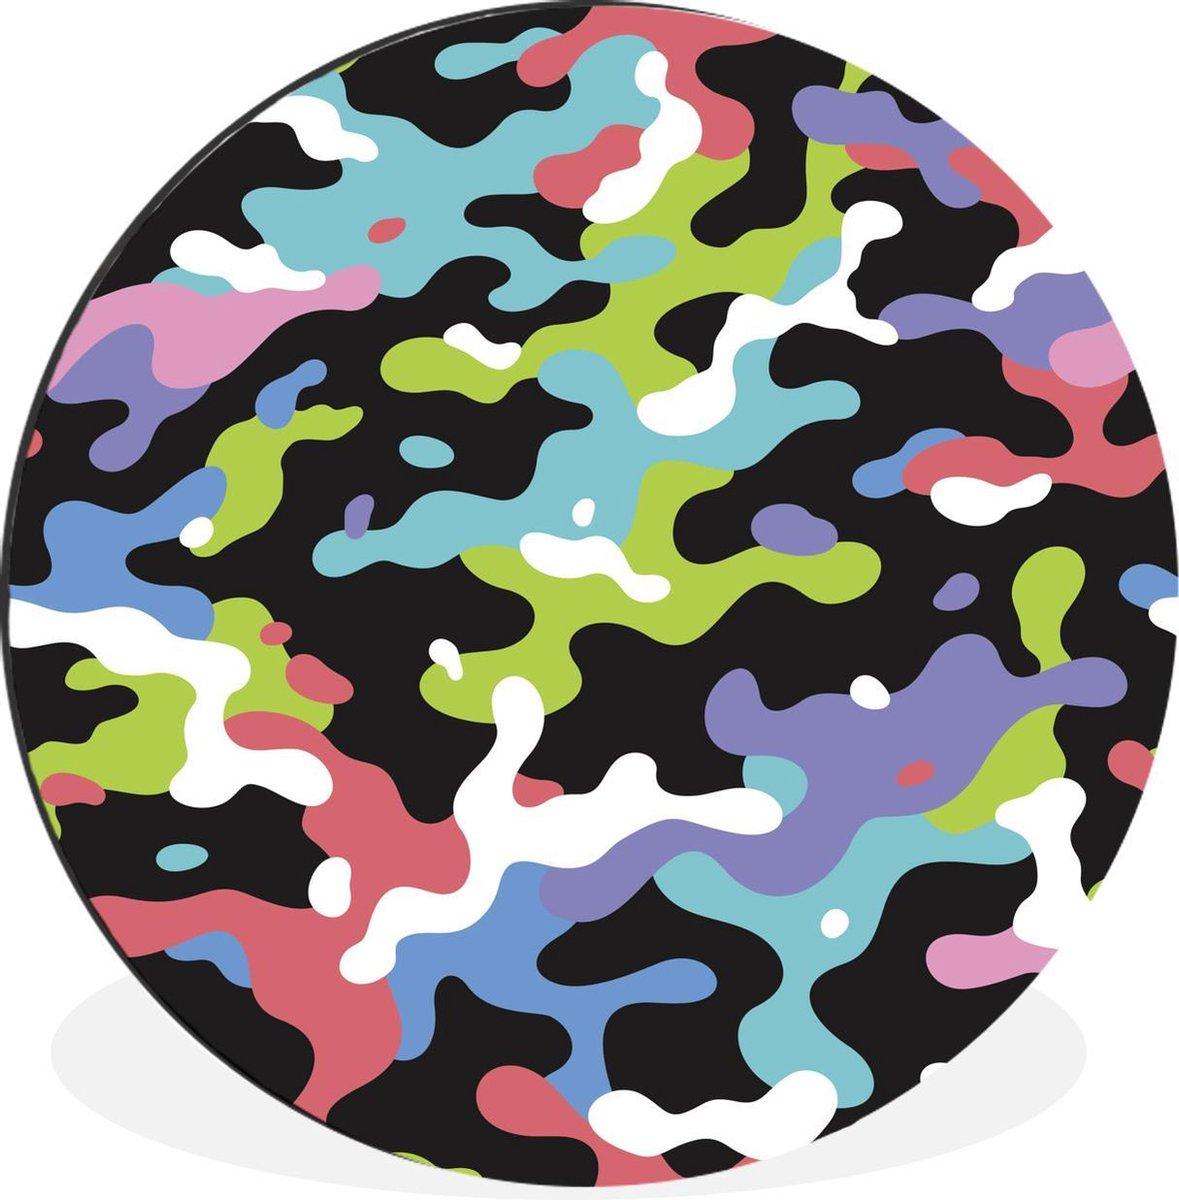 Kleurrijk camouflage patroon Wandcirkel aluminium ⌀ 60 cm - foto print op muurcirkel / wooncirkel / tuincirkel (wanddecoratie)